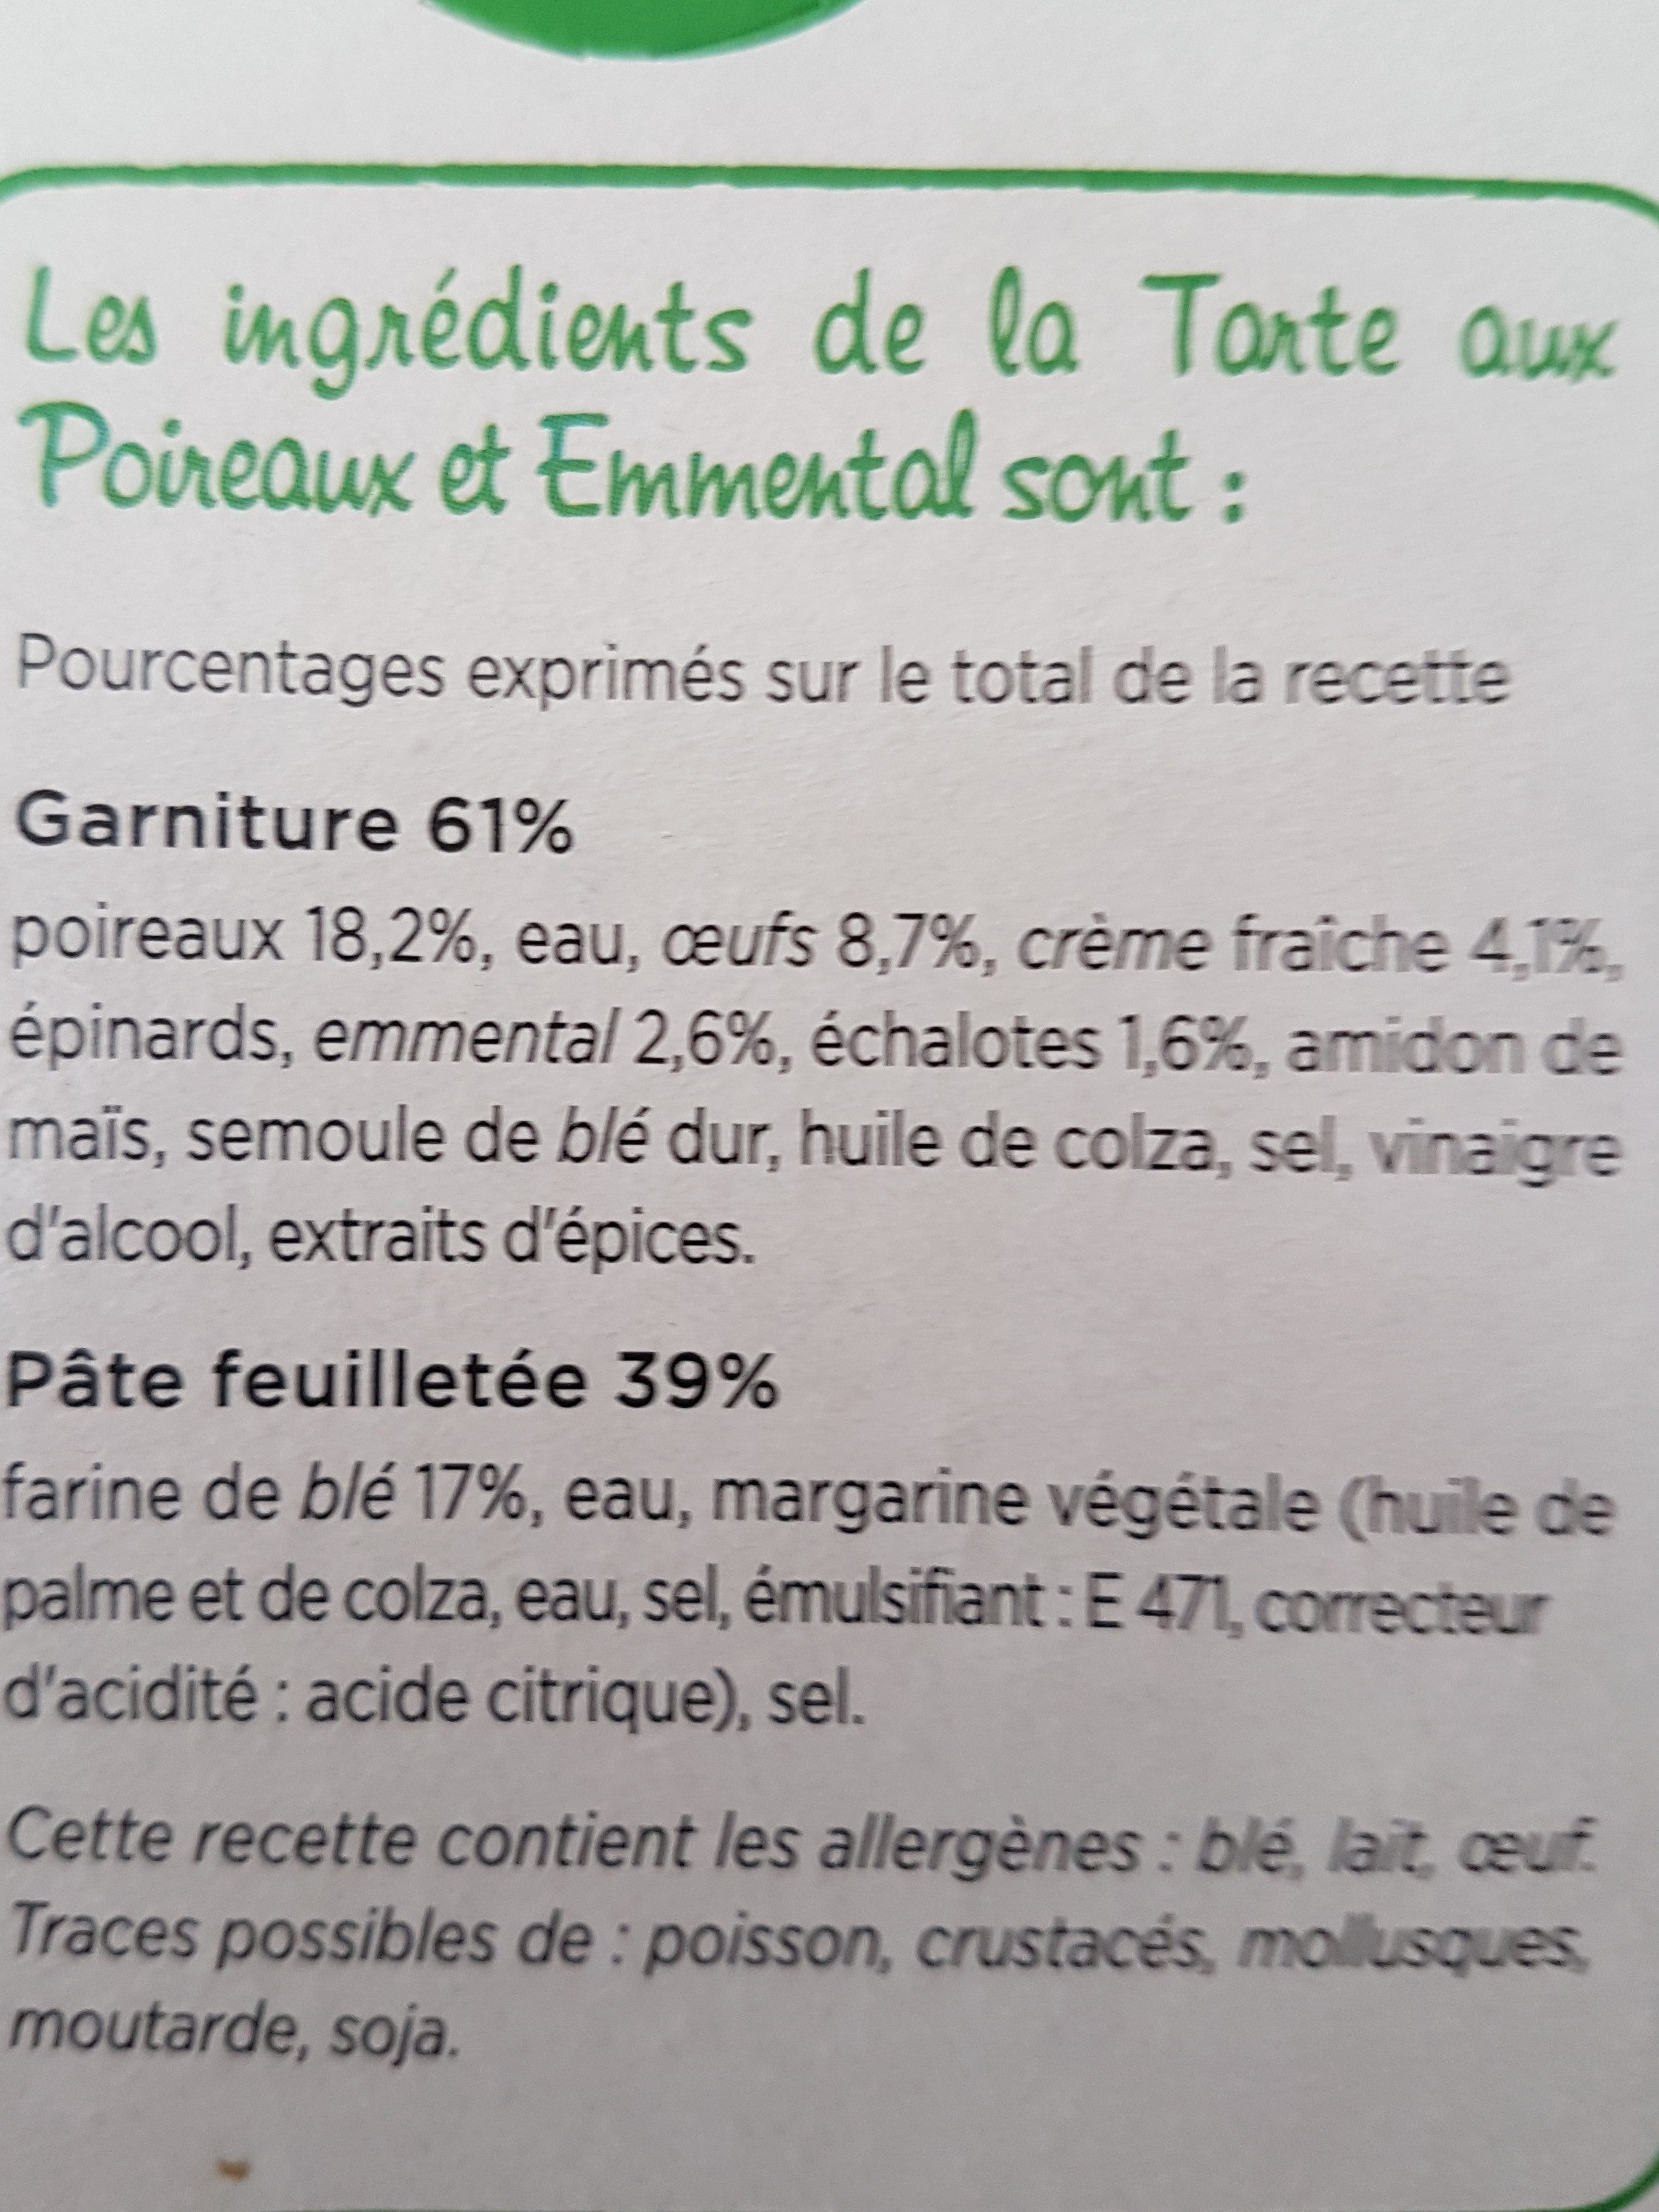 Tarte aux Poireaux, Emmental et crème Fraiche - Ingrédients